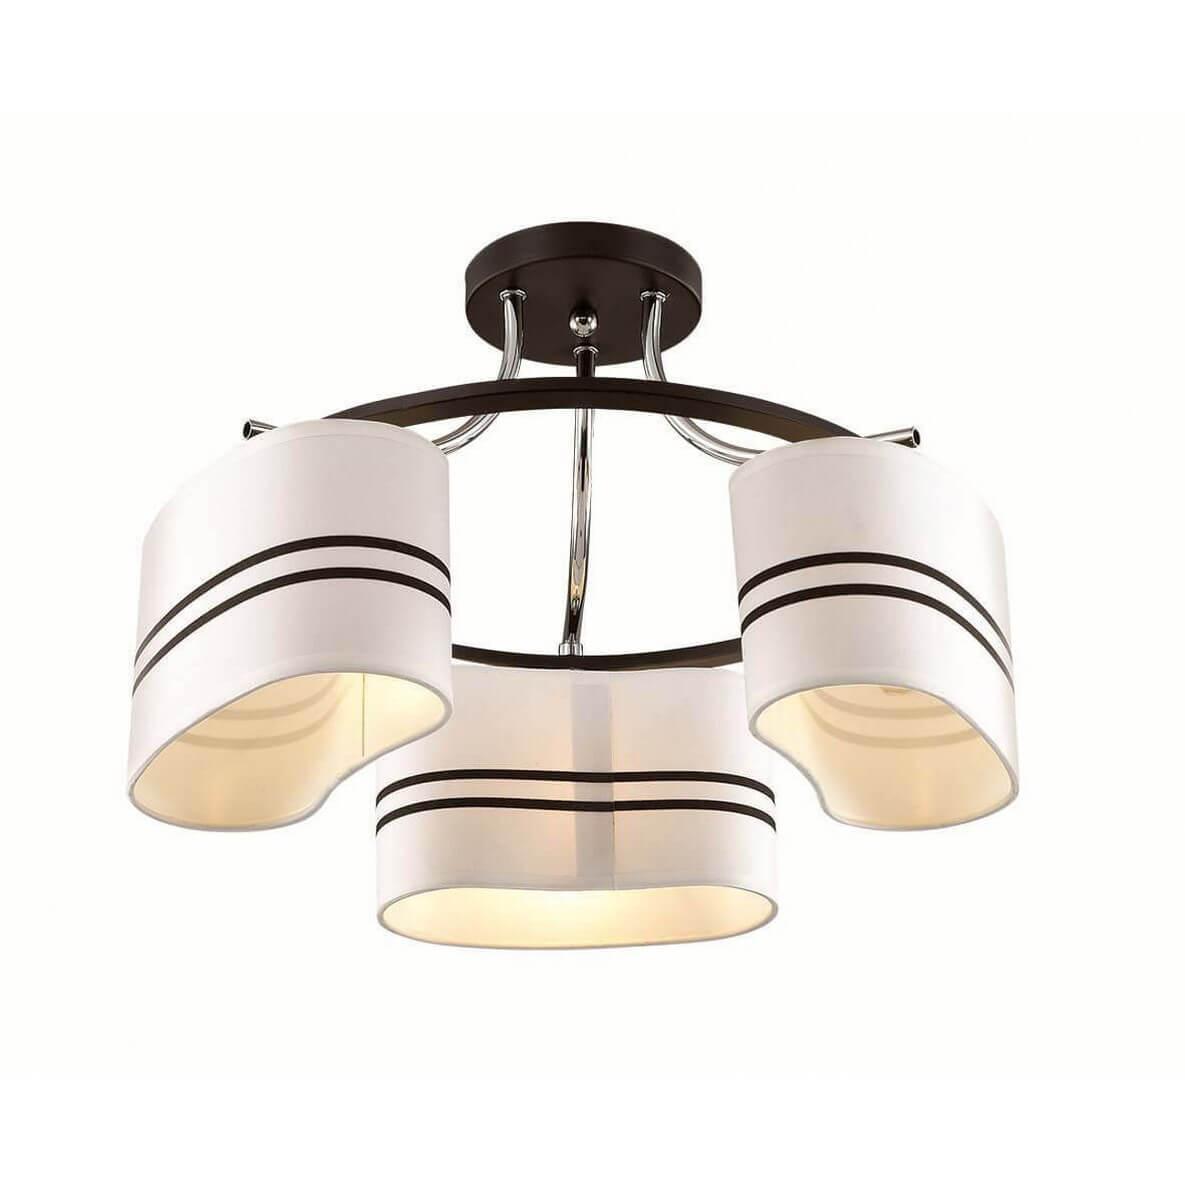 Потолочный светильник Lumion 3056/3C, E14, 40 Вт потолочная люстра lumion 3056 3c